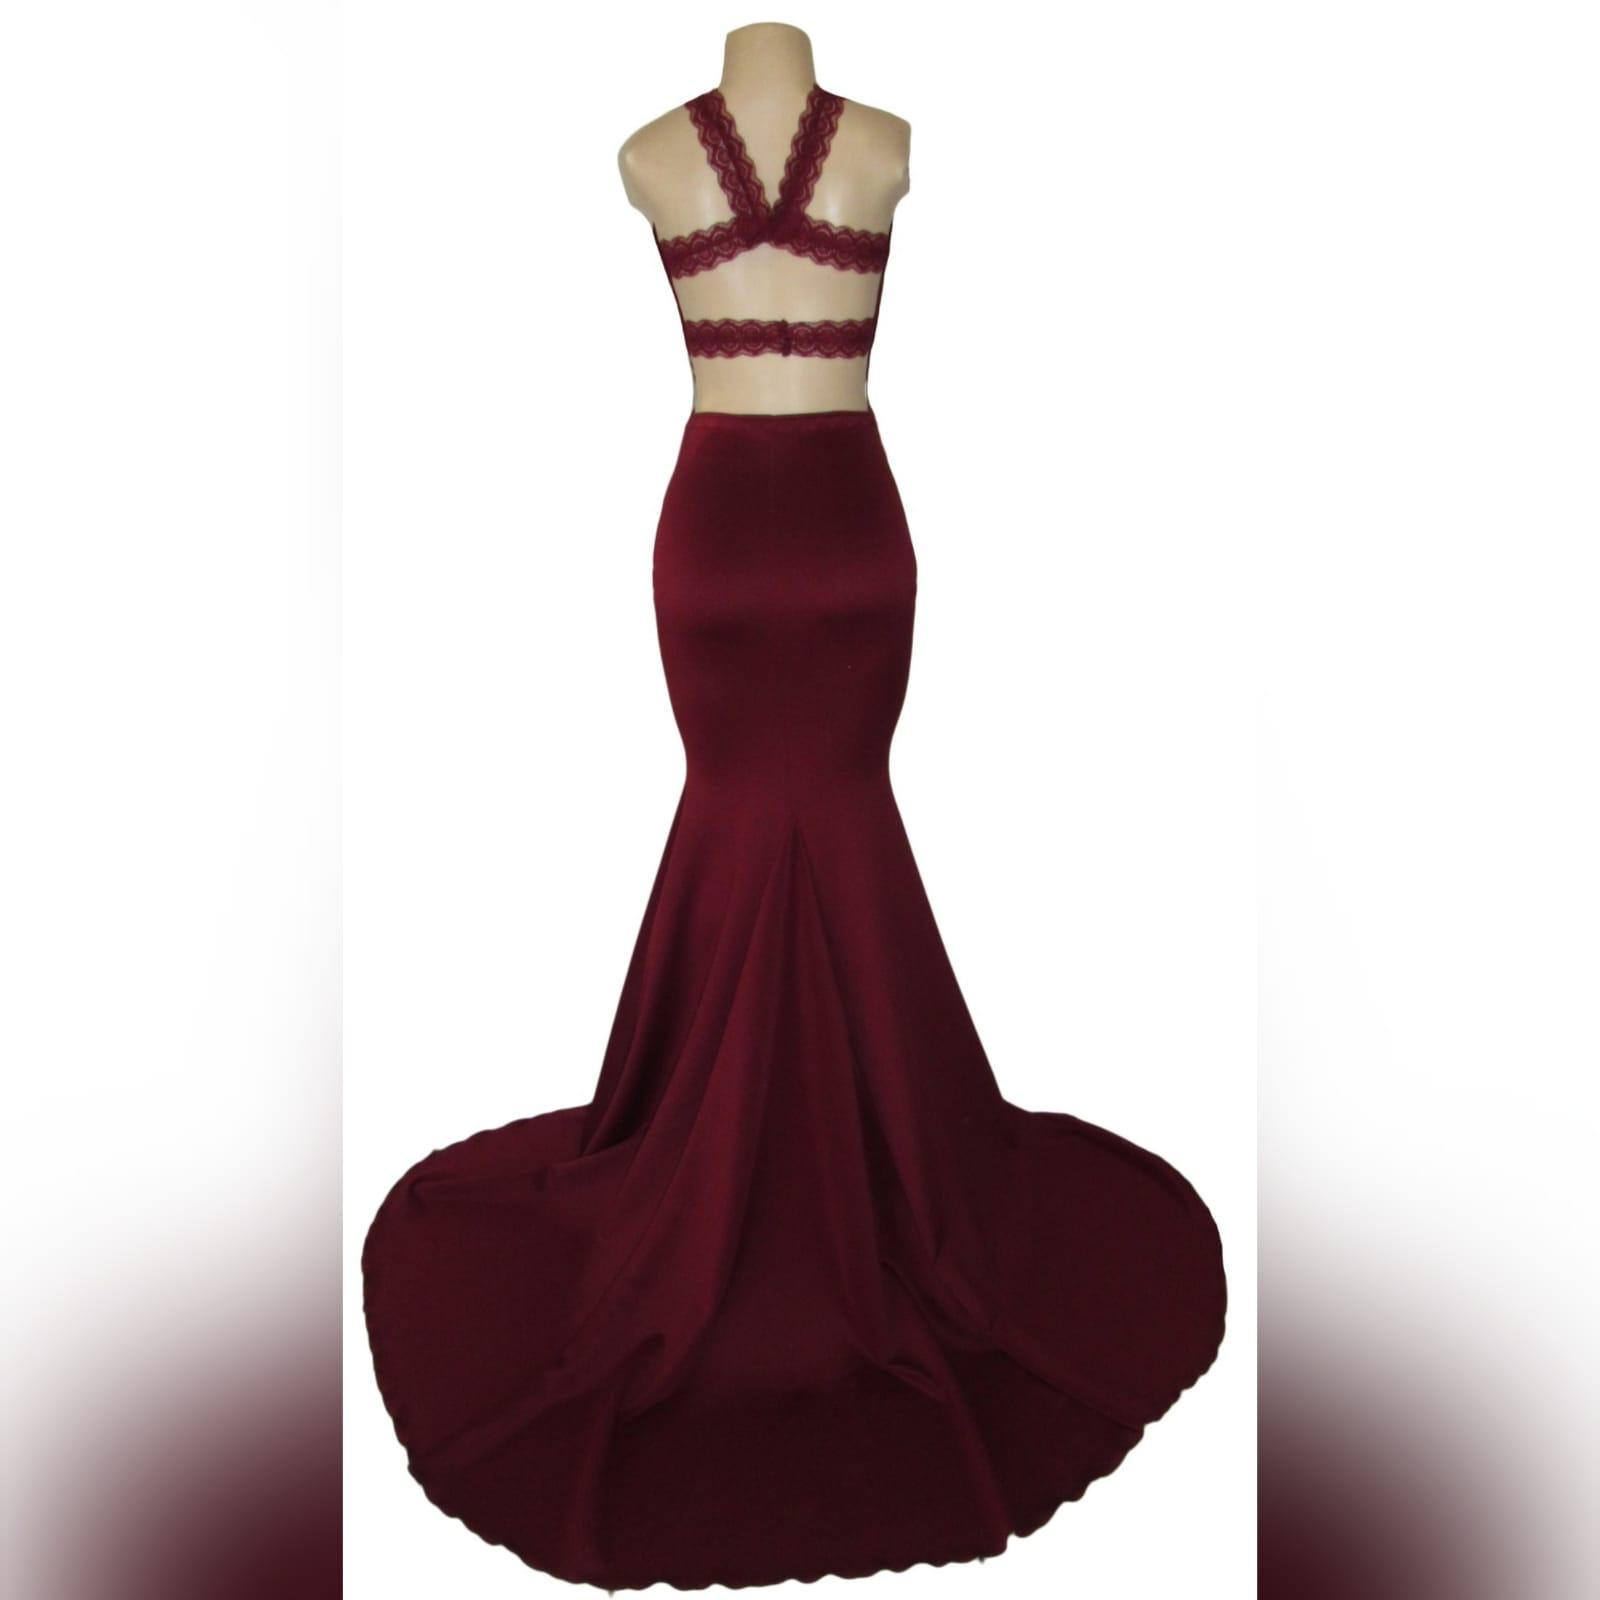 Vestido de finalistas sereia suave cor vinho 4 vestido de finalistas sereia suave cor vinho, com corpete de renda, decote profundo, com uma cauda e uma abertura nas costas detalhada com tiras de renda.